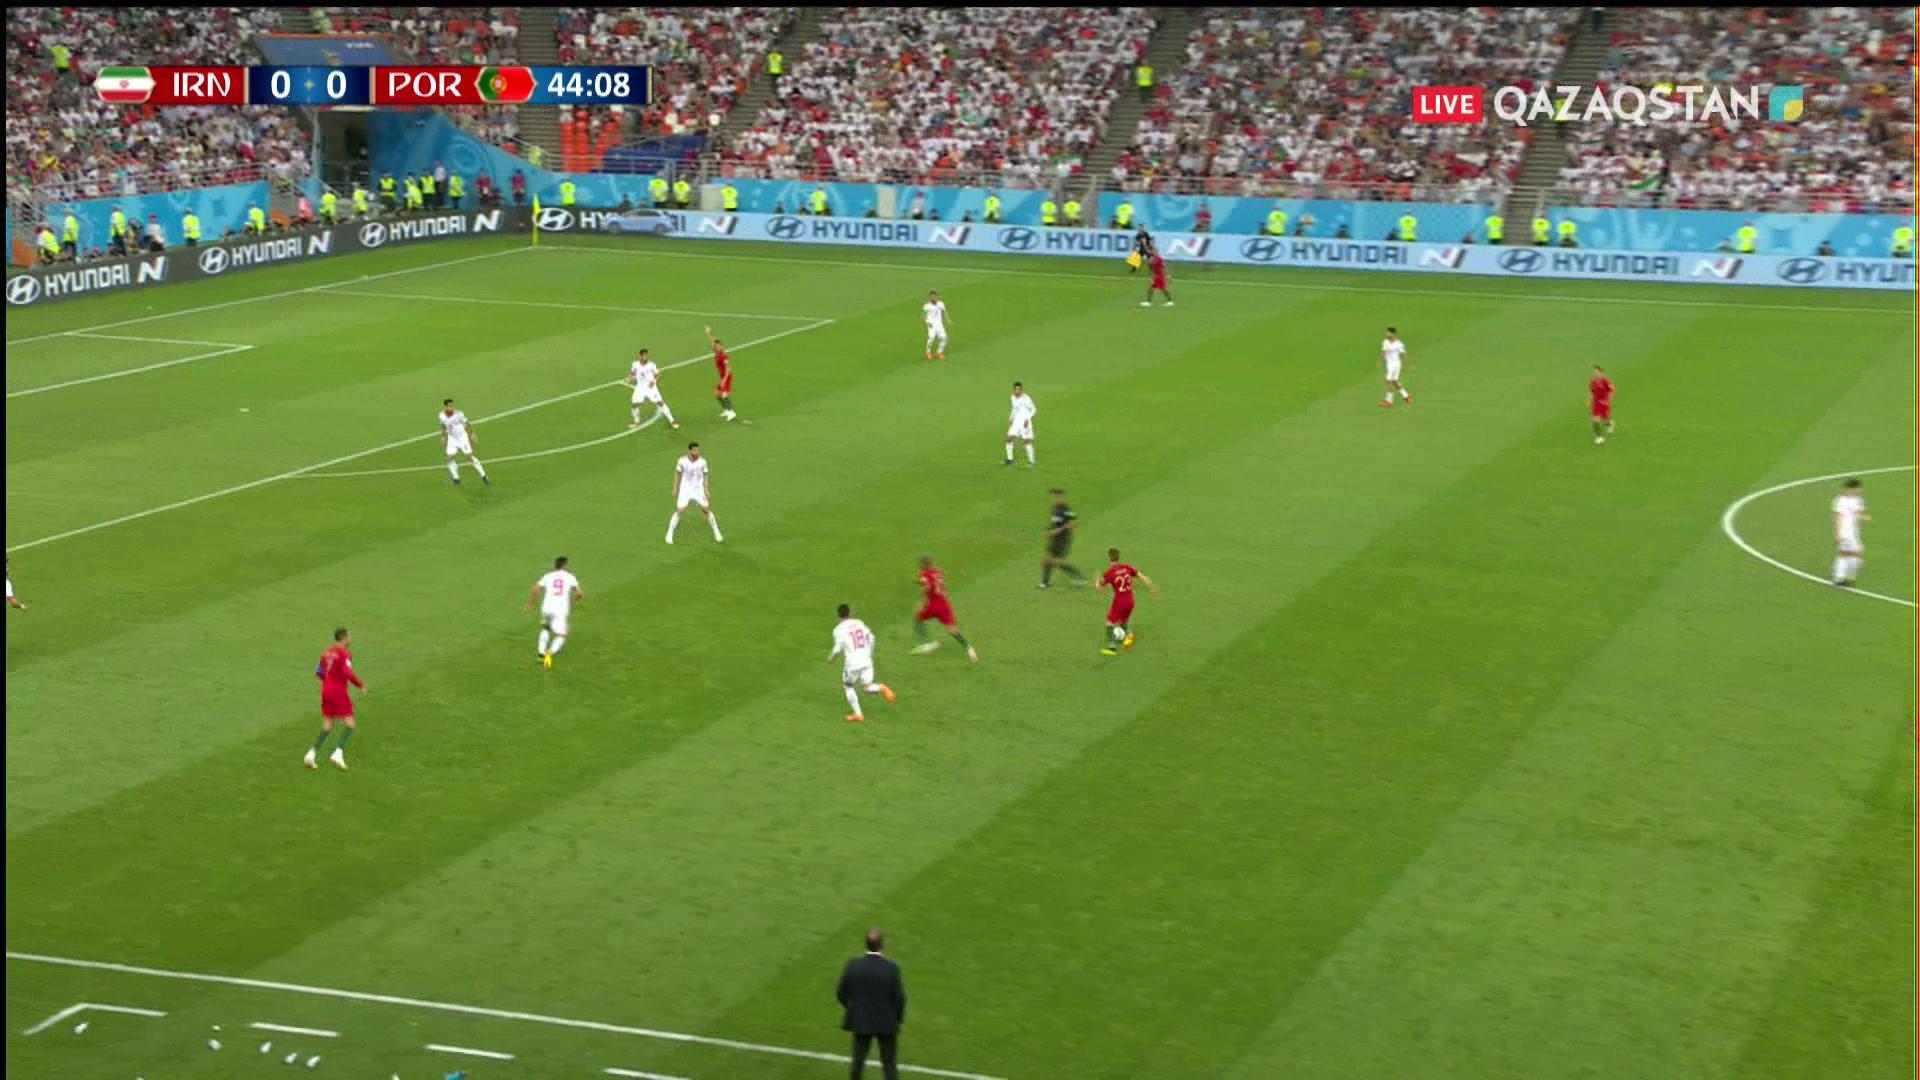 Иран – Португалия - 0:1 | Әлем Чемпионаты 2018